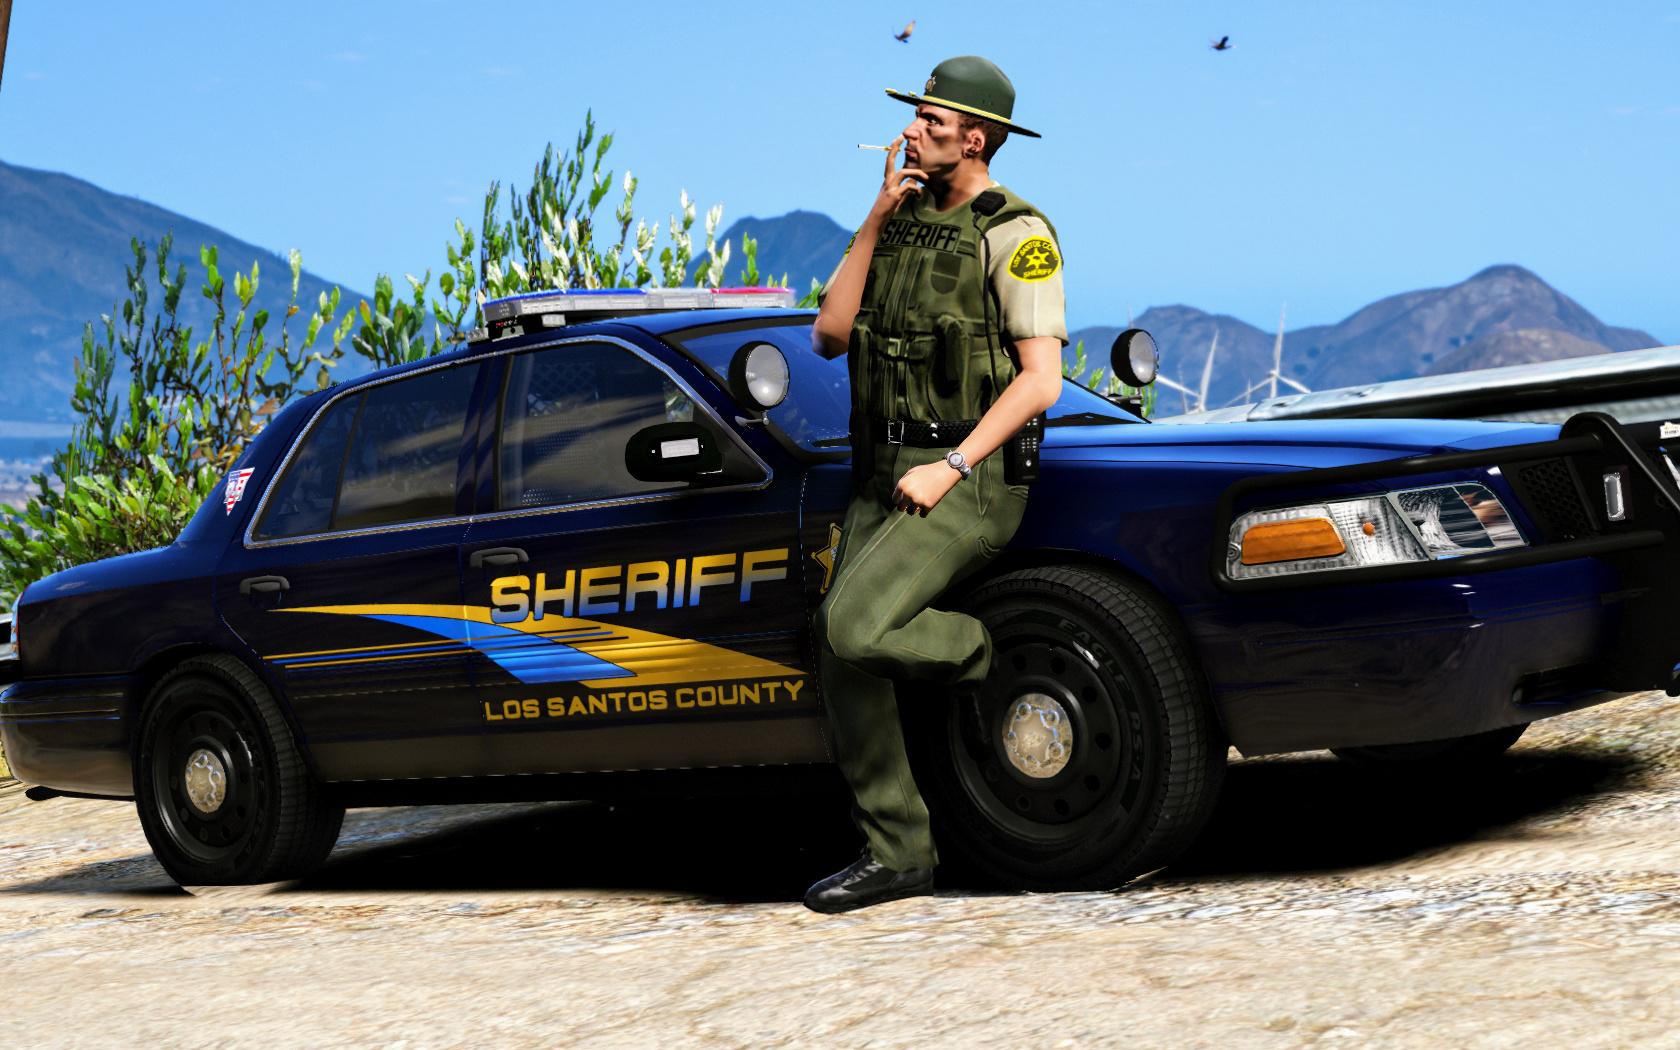 doj styled captain14 police cars releases fivem